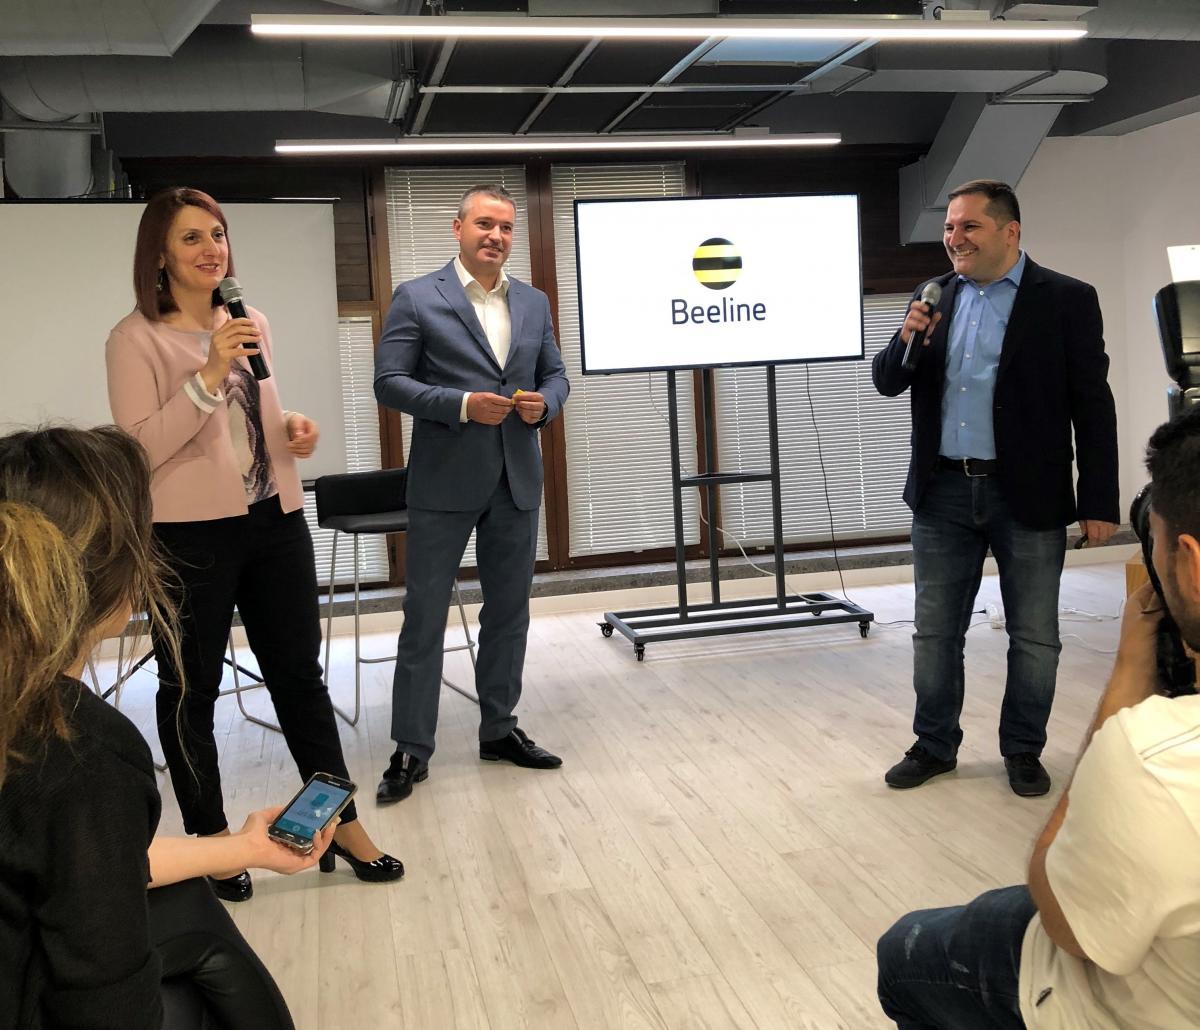 Երևանում բացվել է Beeline Ստարտափ Ինկուբատորը